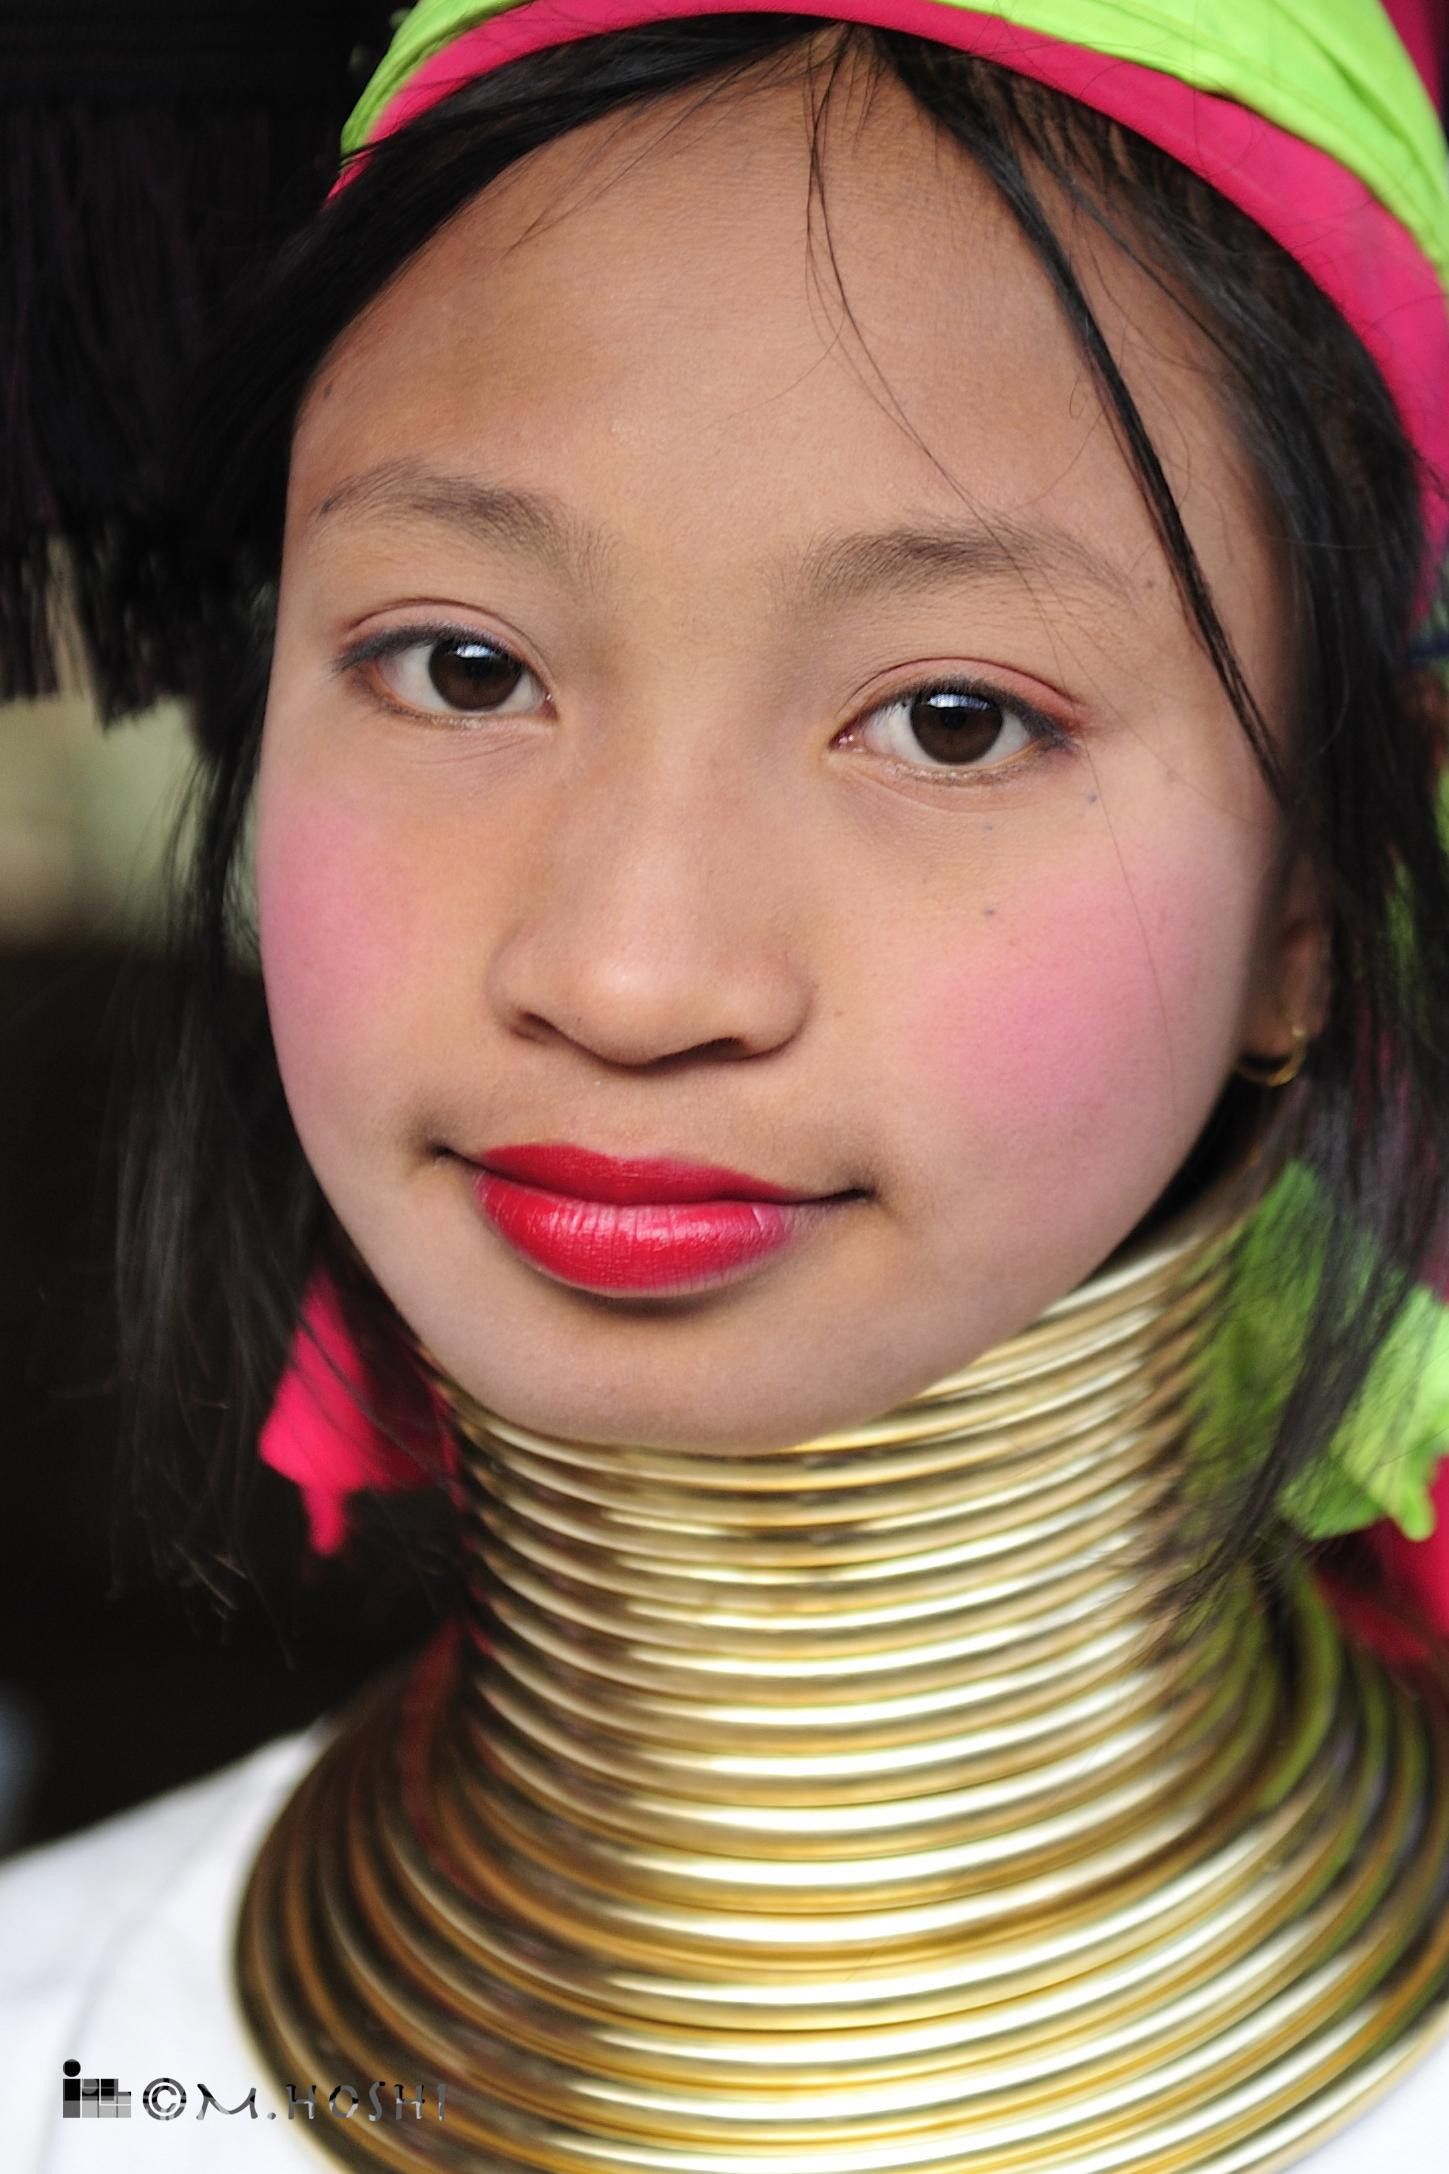 カヤン・ラウィーの少女     通称「首長族」